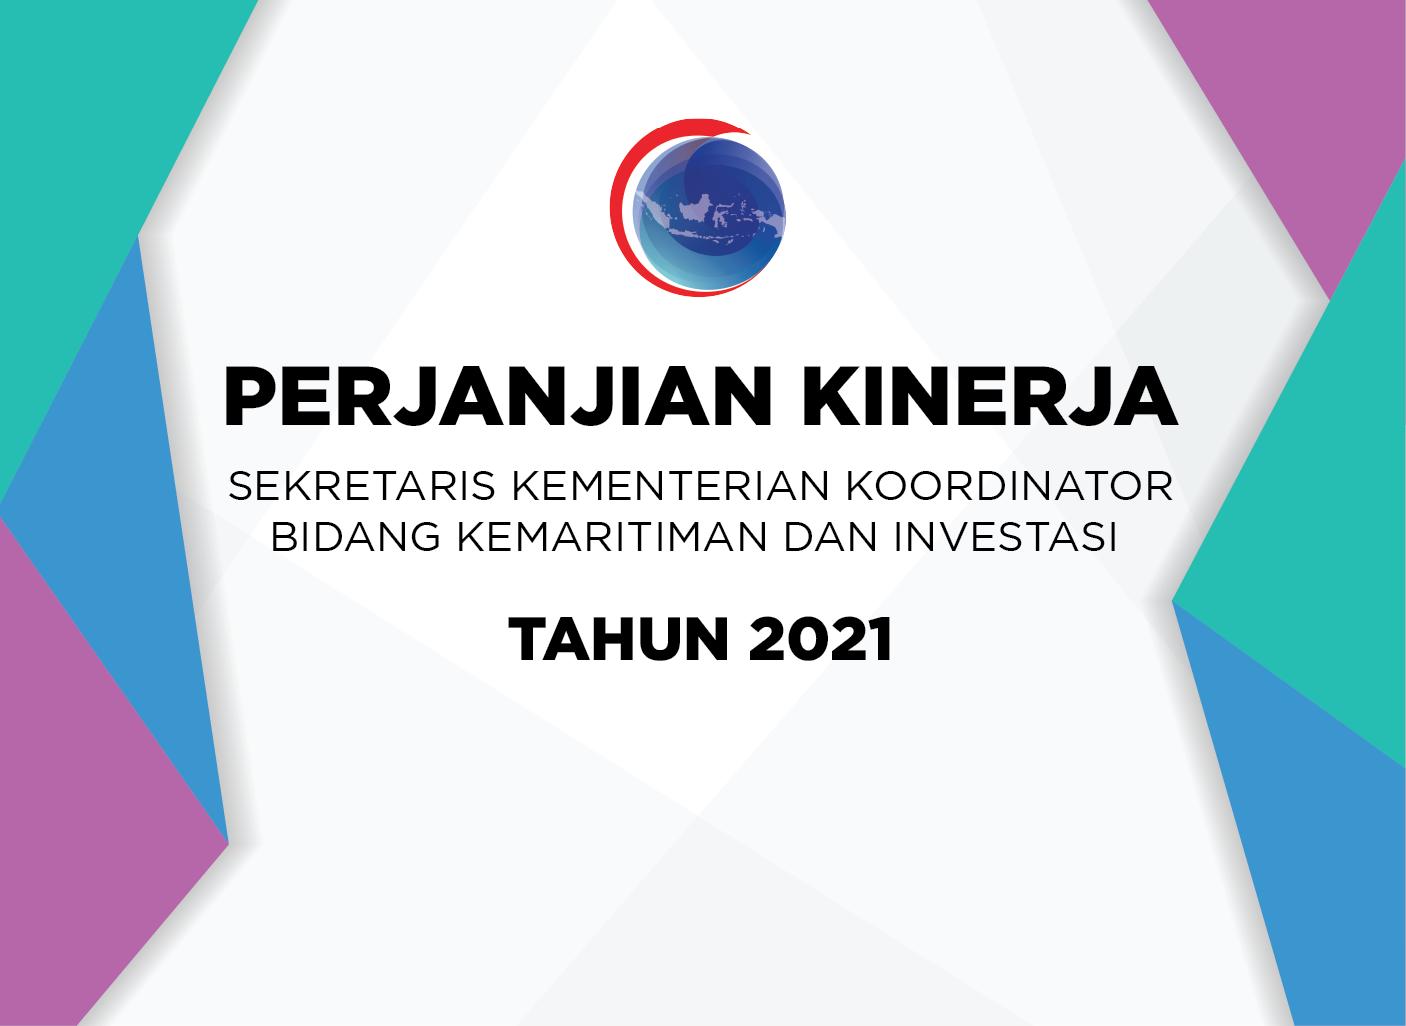 Perjanjian Kinerja Sekretaris Kementerian Koordinator Bidang Kemaritiman dan Investasi Tahun 2021